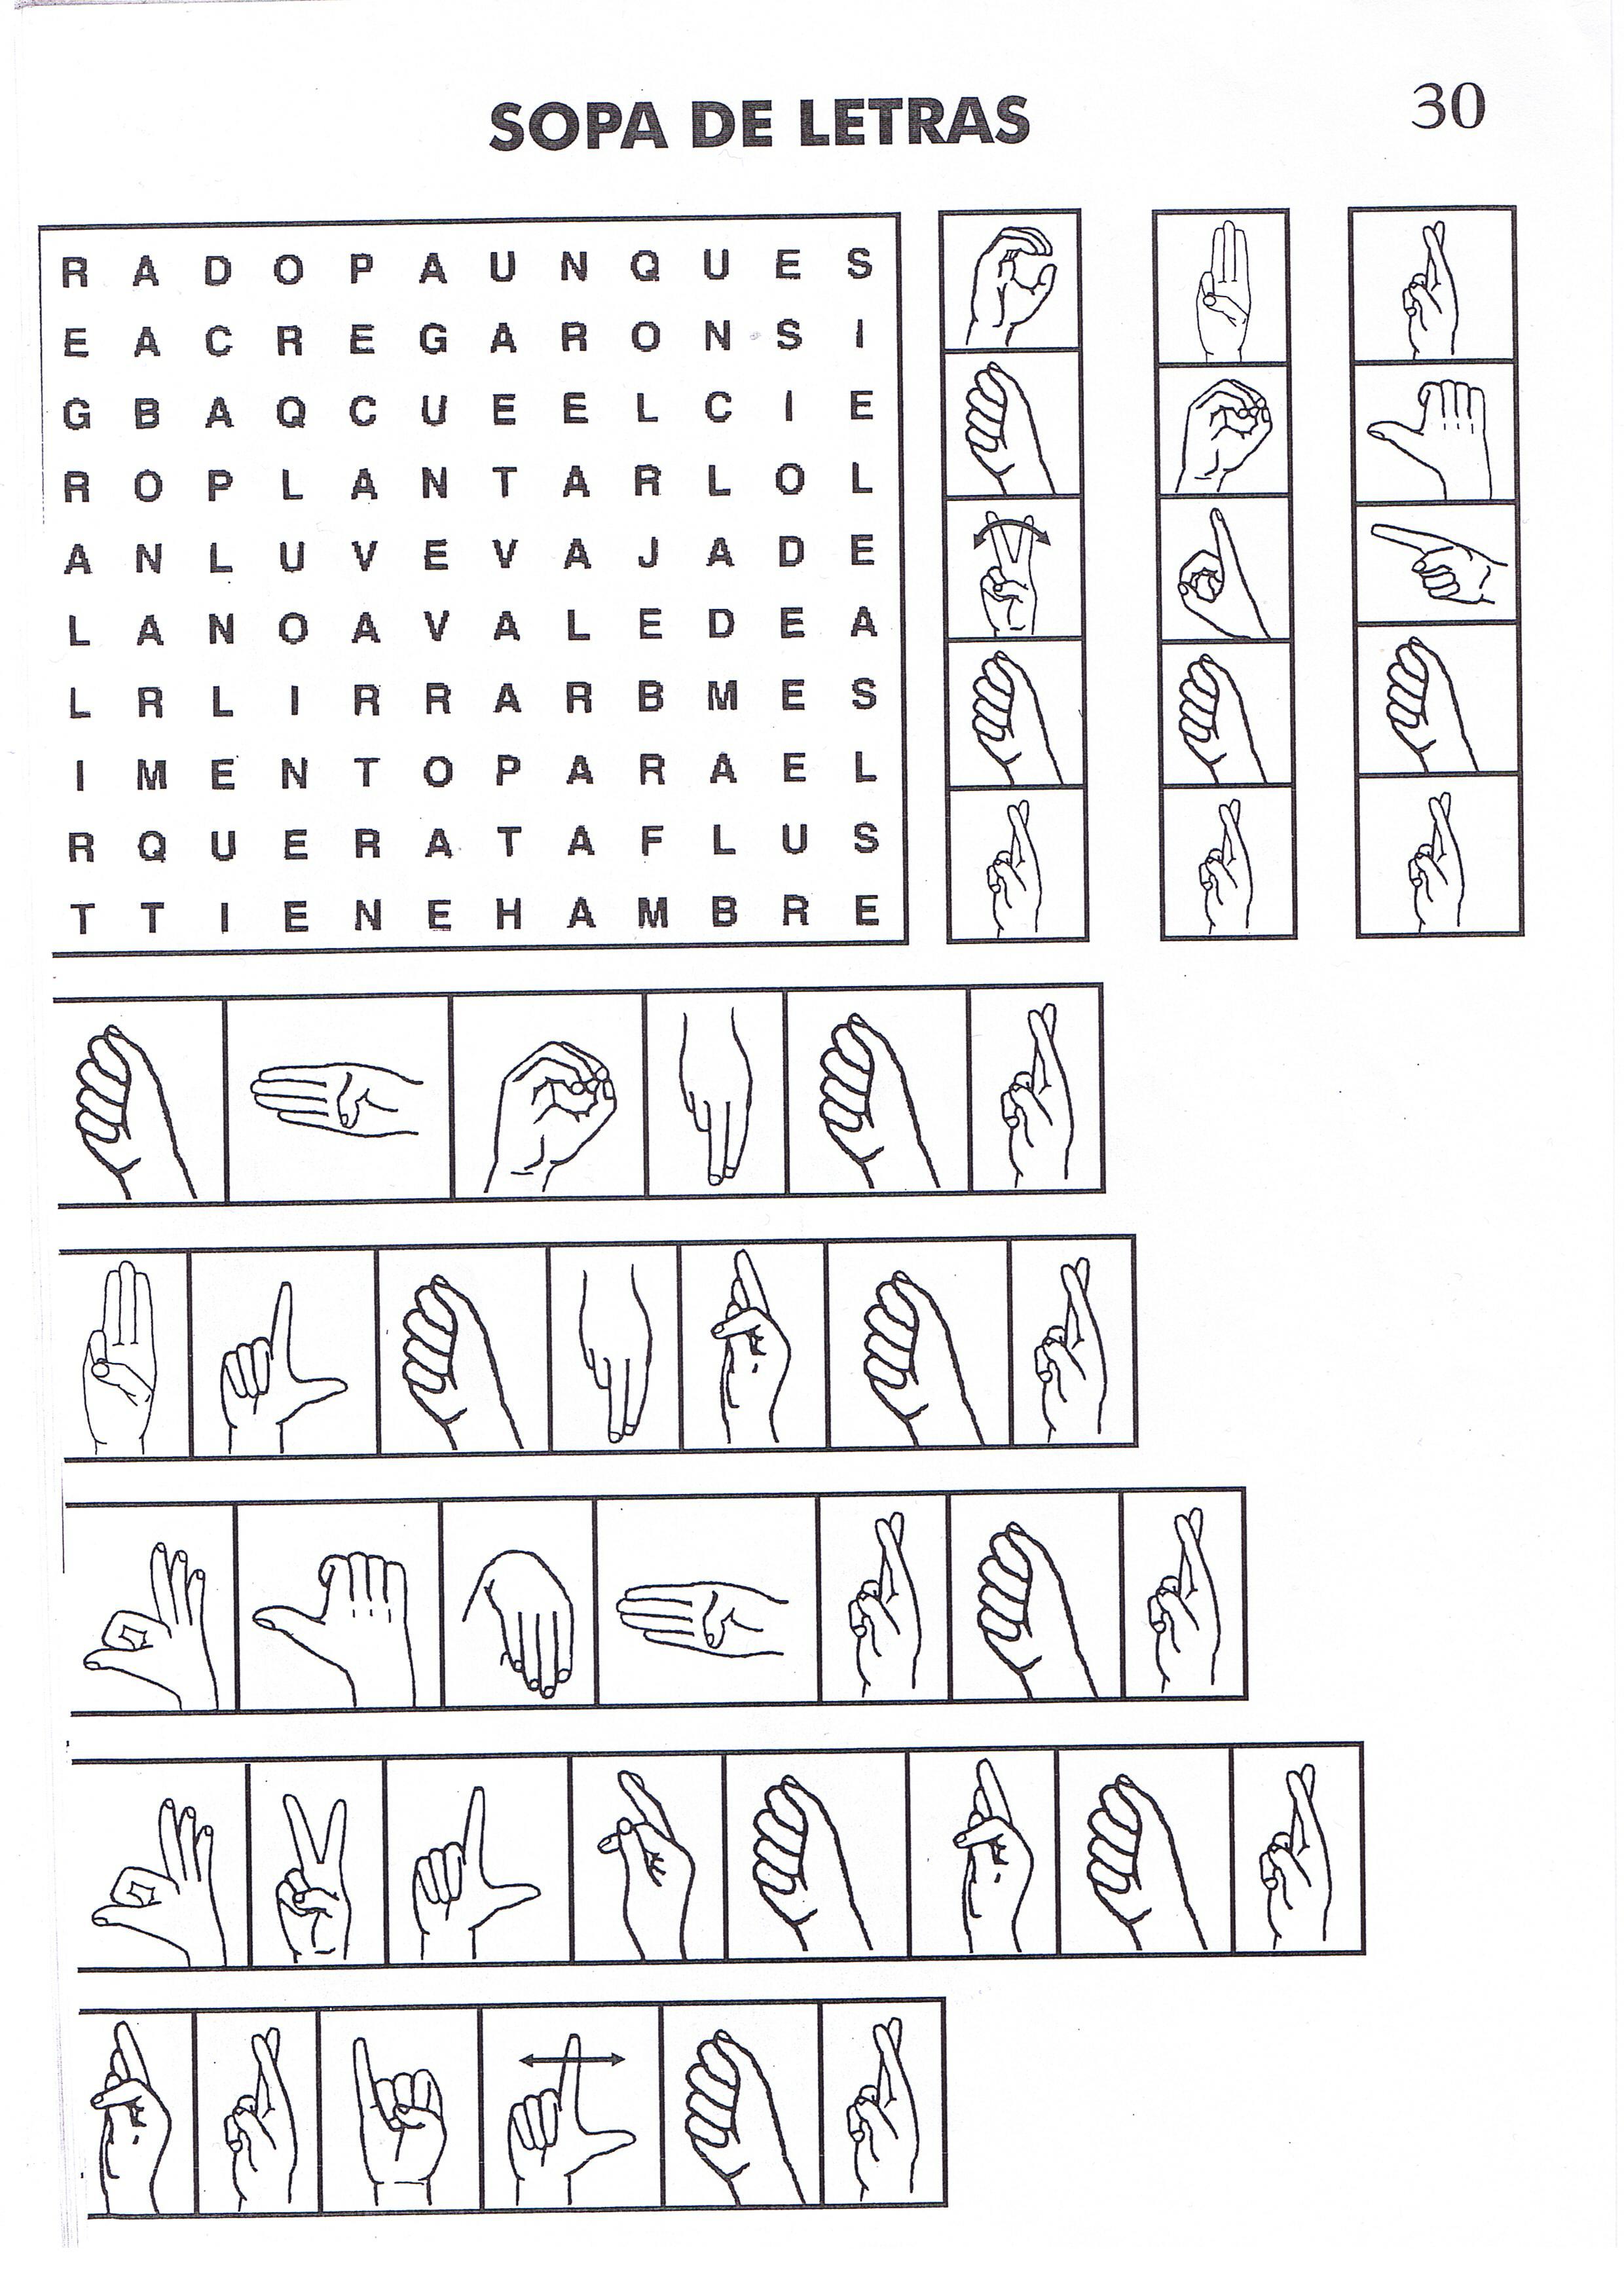 Juegos con el DACTILOLÓGICO (sopa de letras) Sopa-de-letras-1